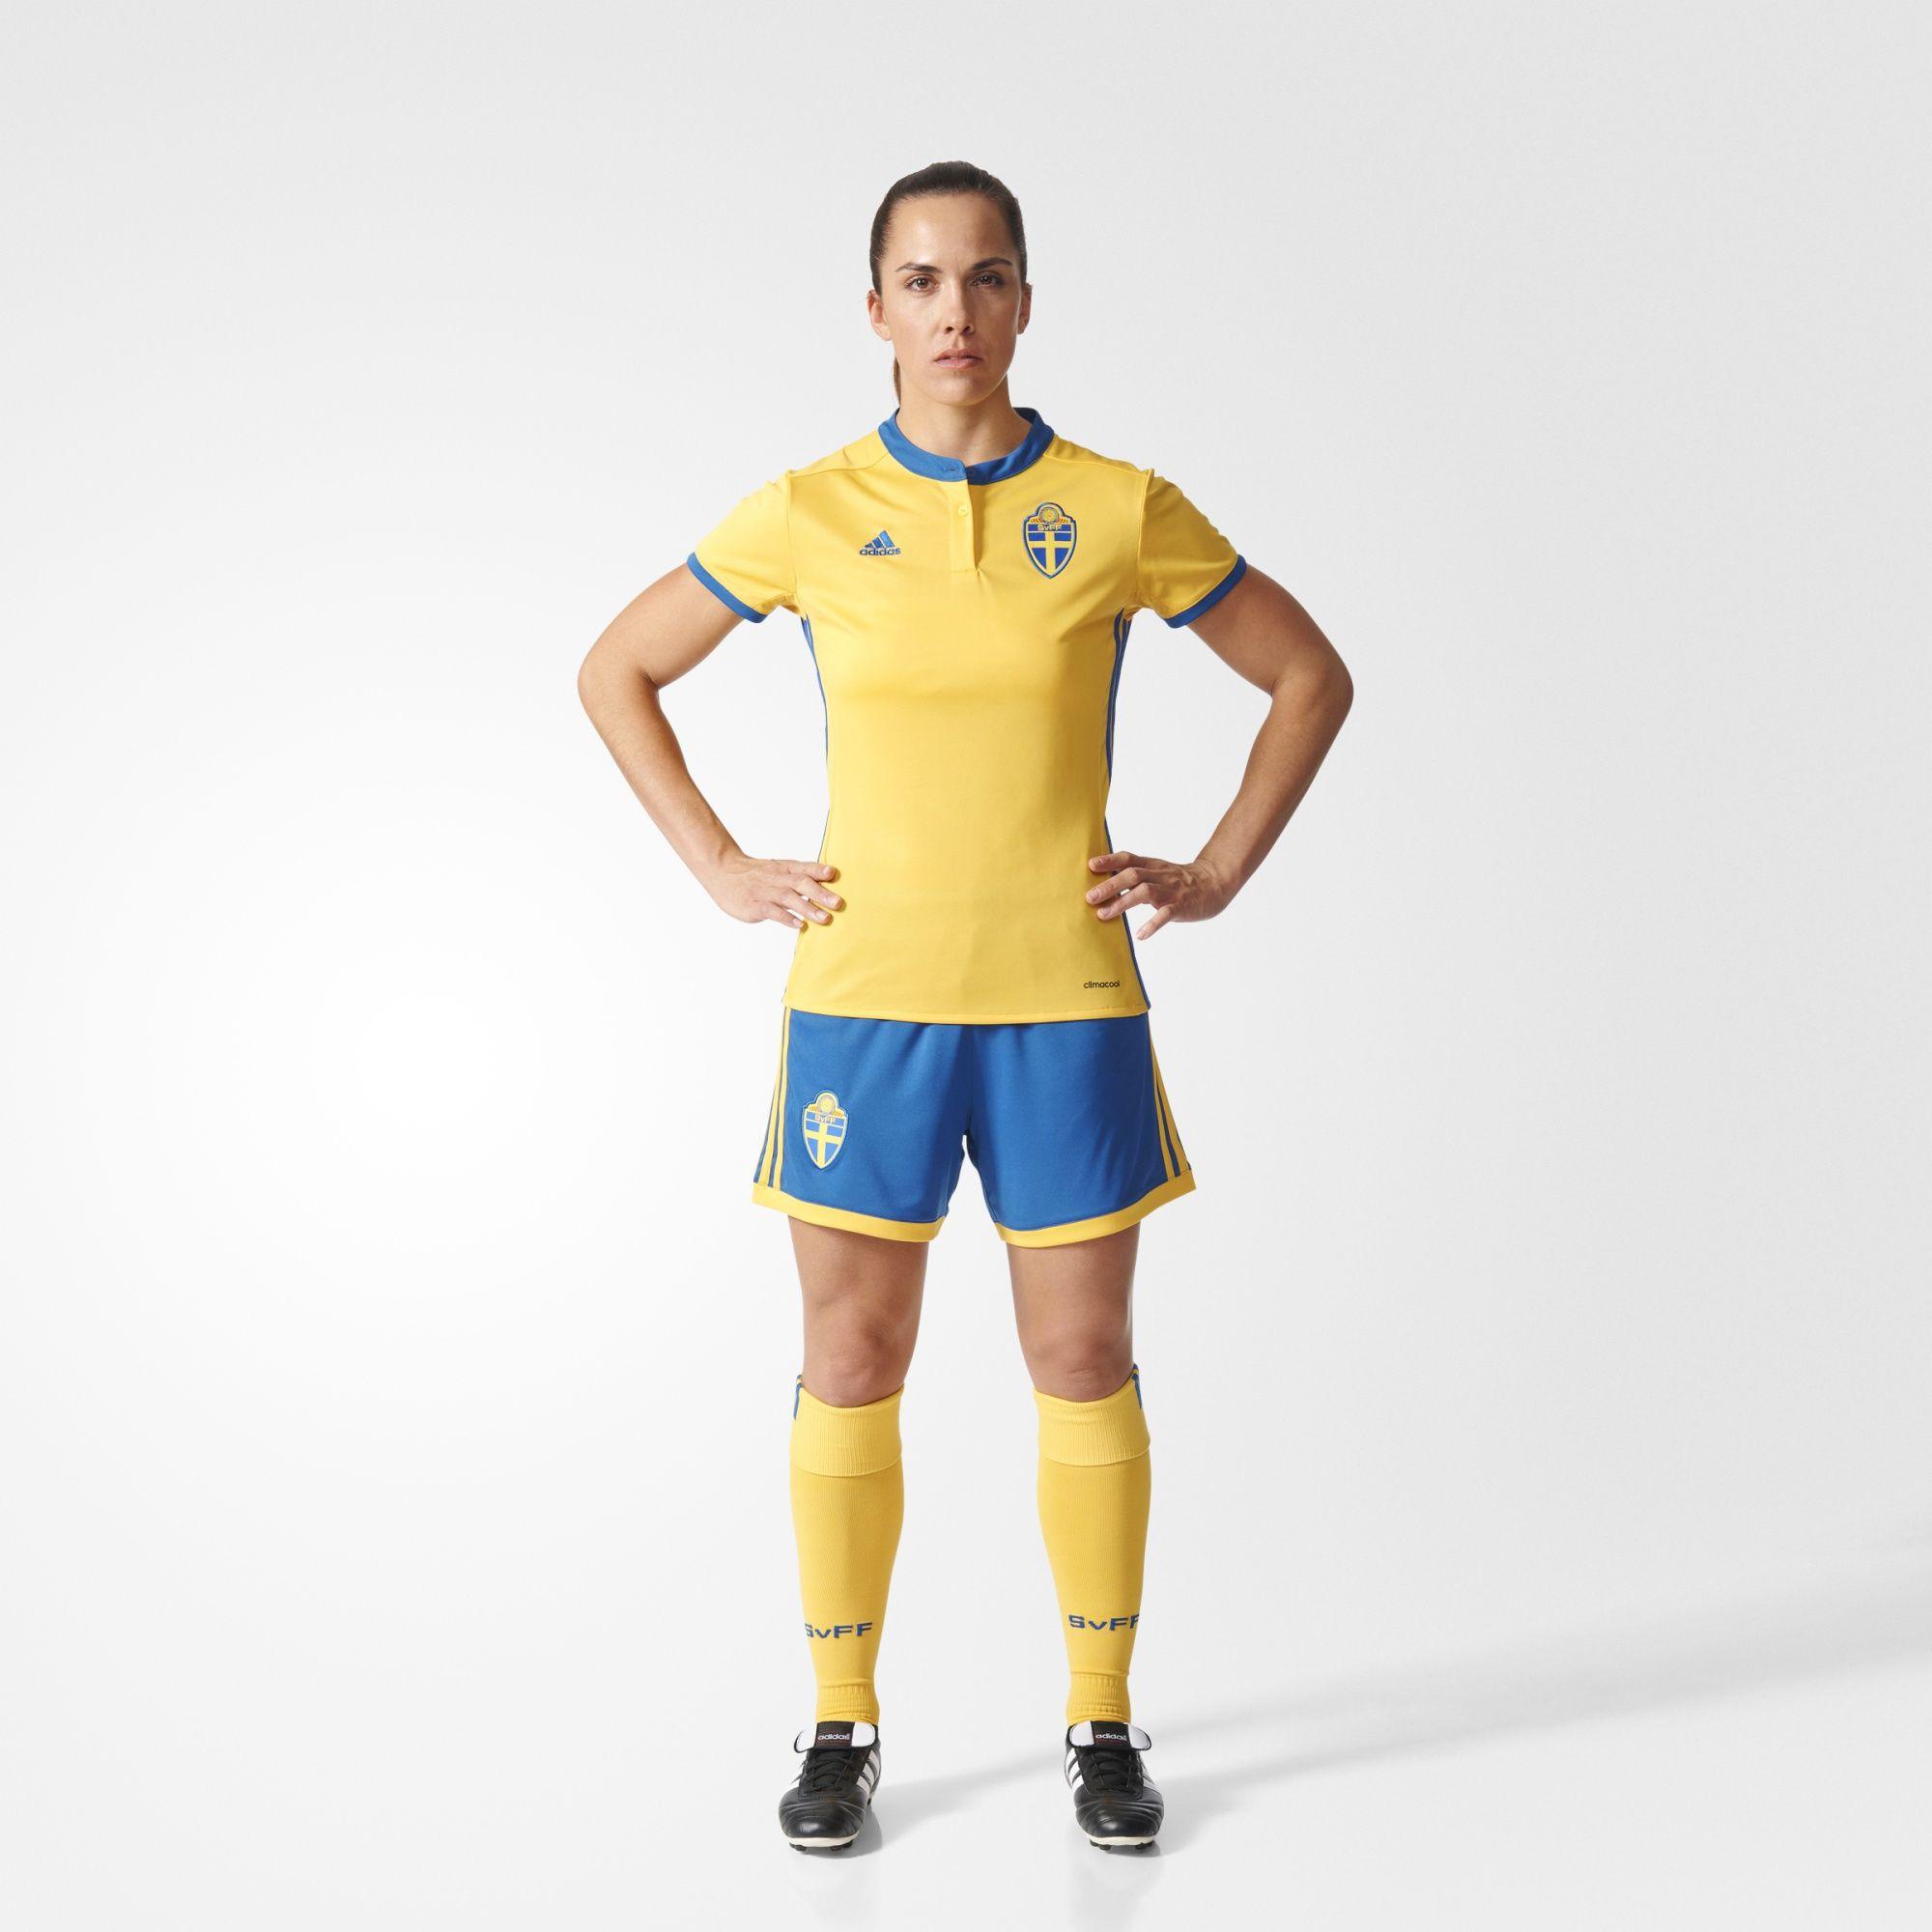 ... Click to enlarge image sweden adidas home womens euro 2017 kit de.jpg  ... b2b6e4e247